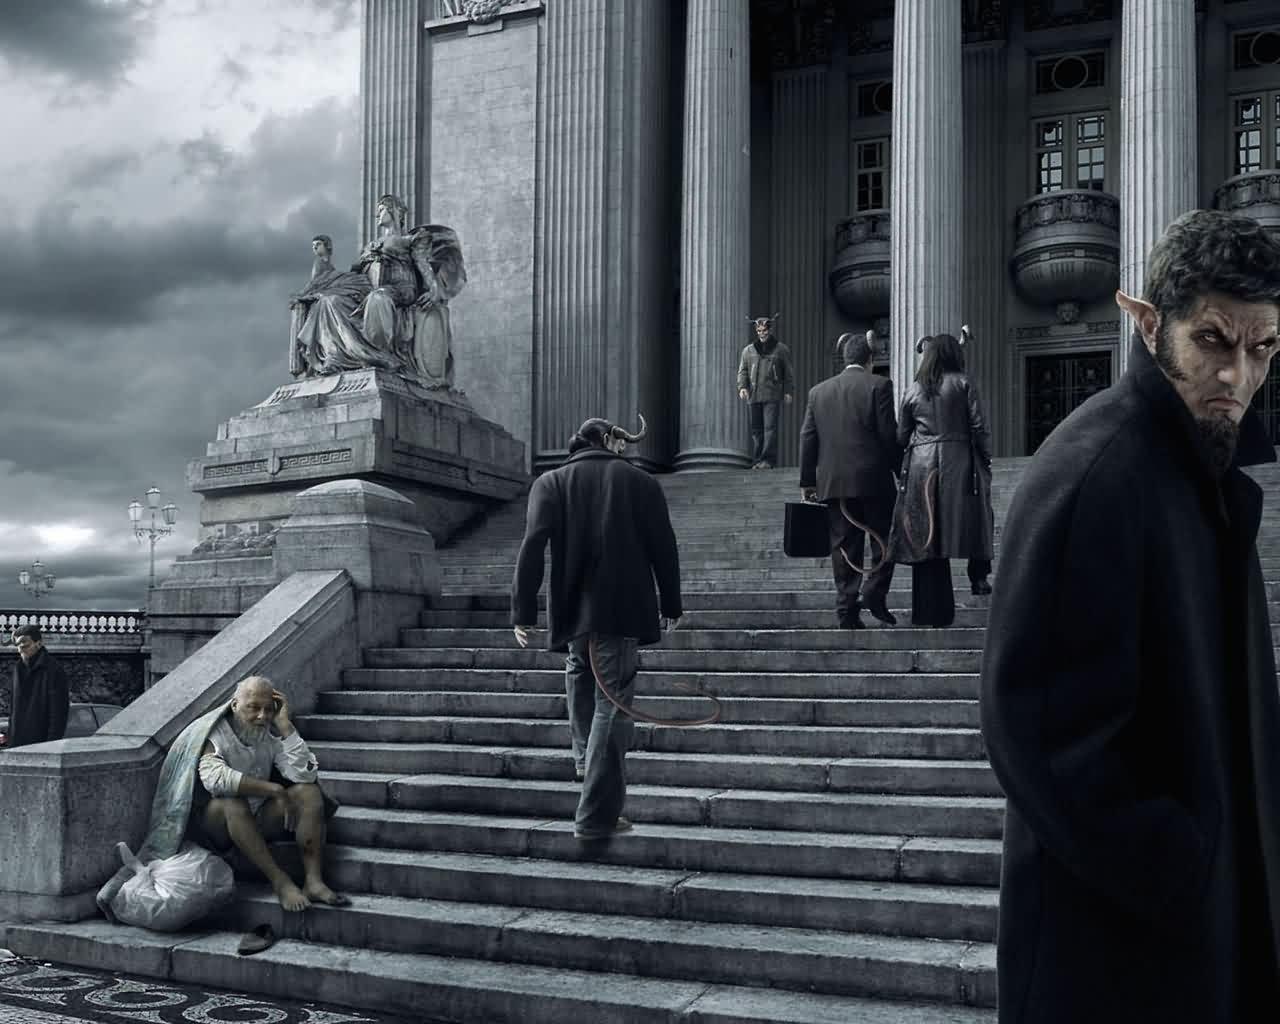 Как пробраться в параллельный мир?: http://paranormal-news.ru/news/kak_probratsja_v_parallelnyj_mir/2015-01-18-10371